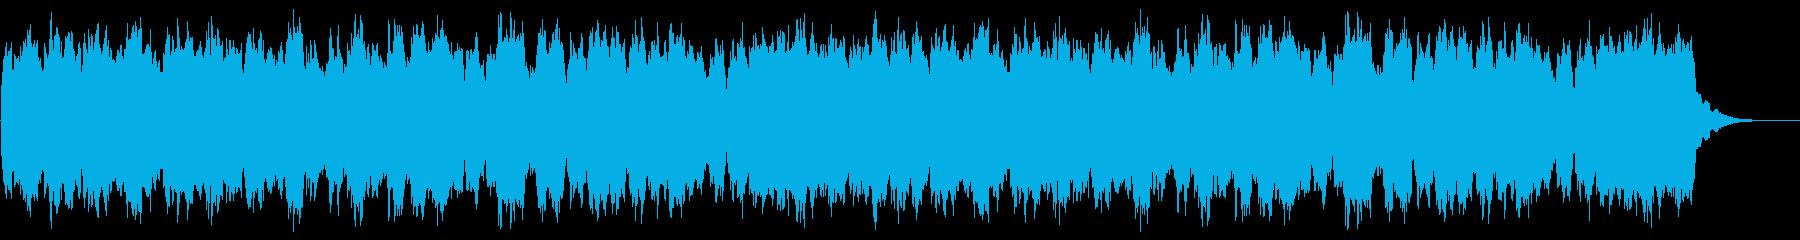 定番クリスマスキャロルのオルガンソロの再生済みの波形